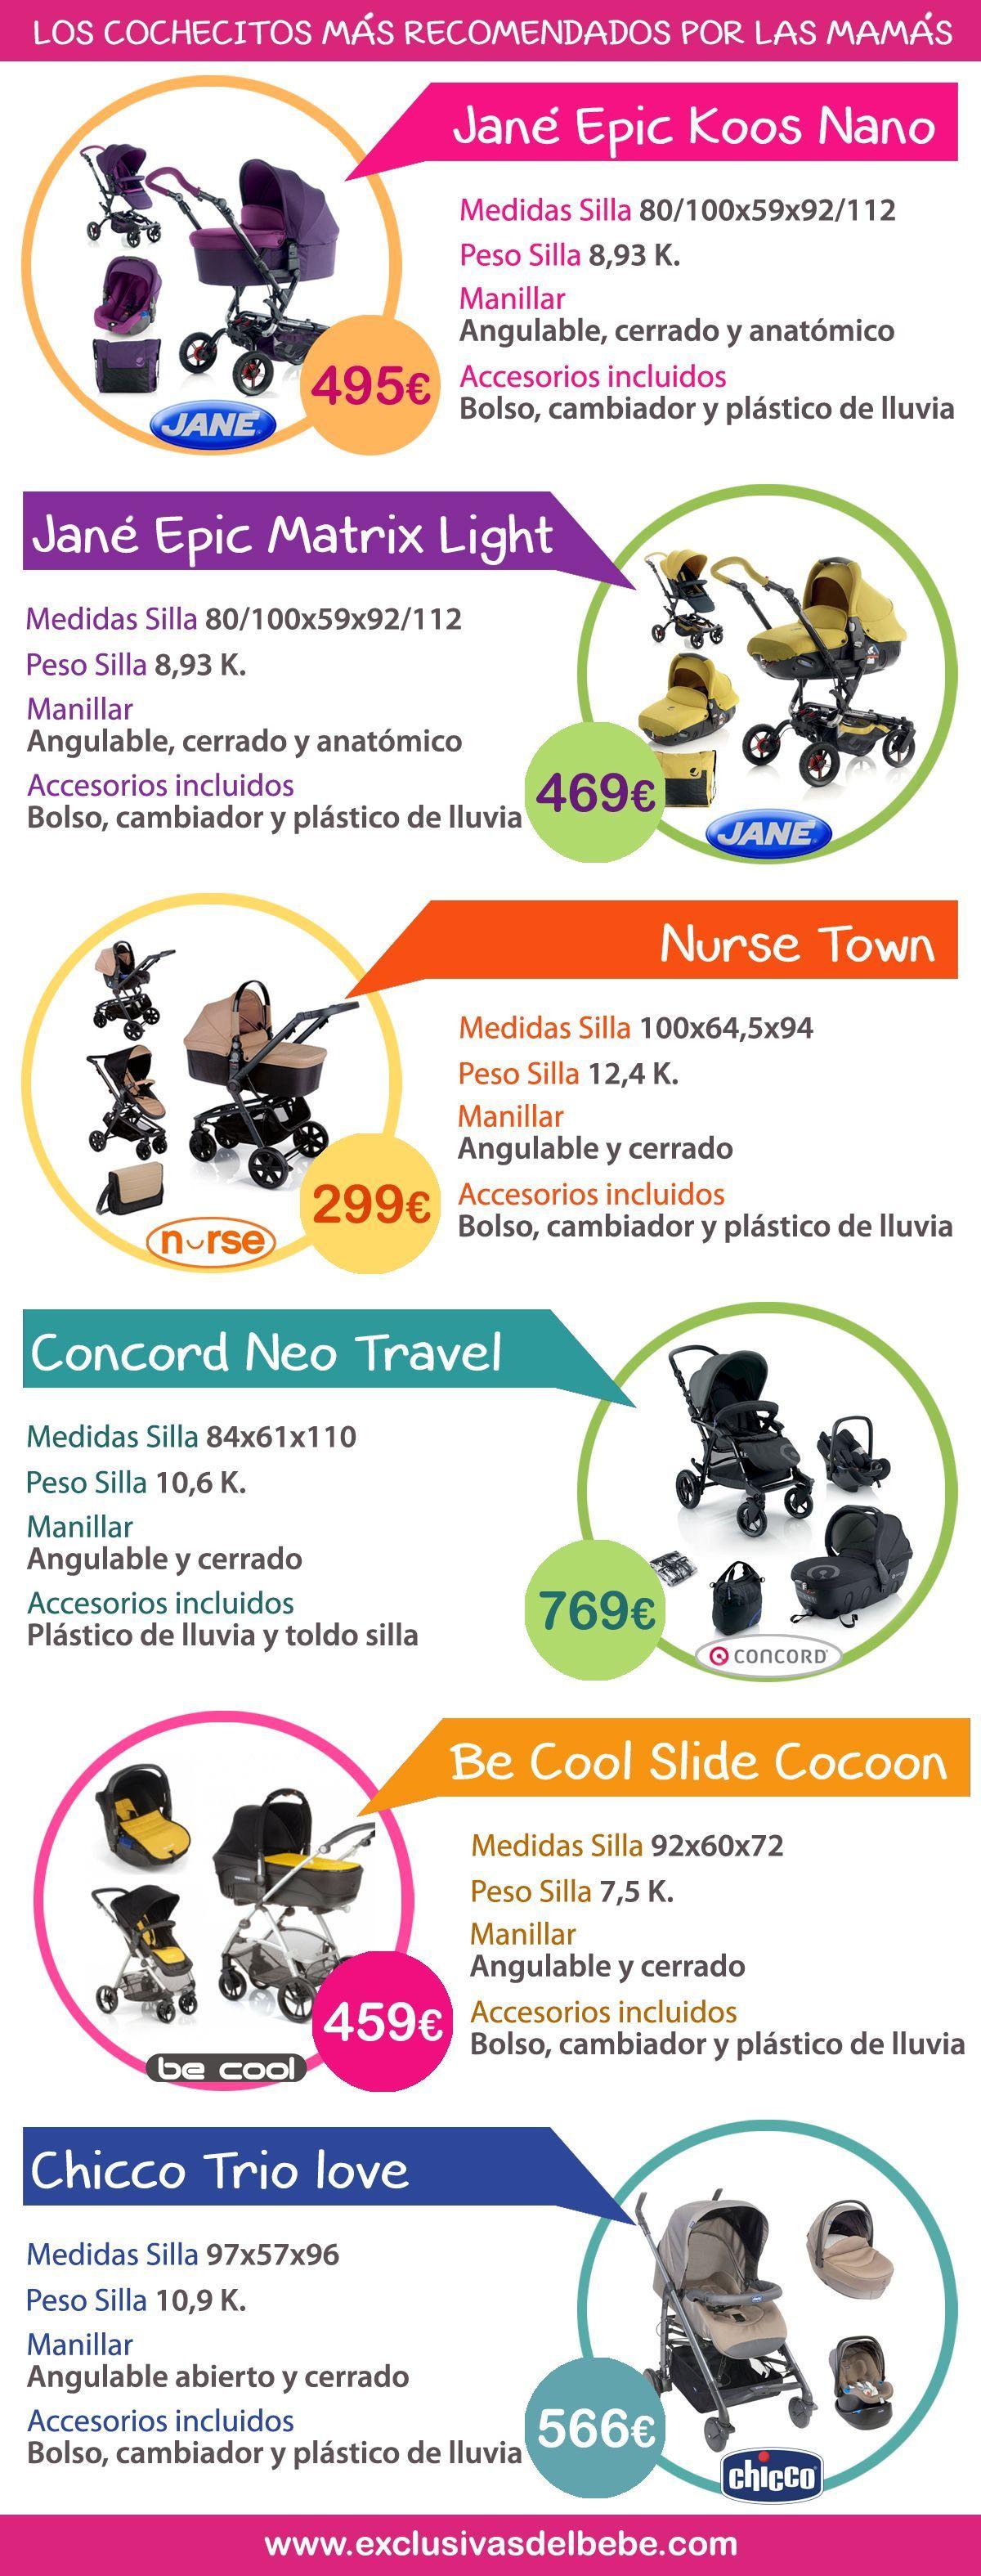 carritos_bebe